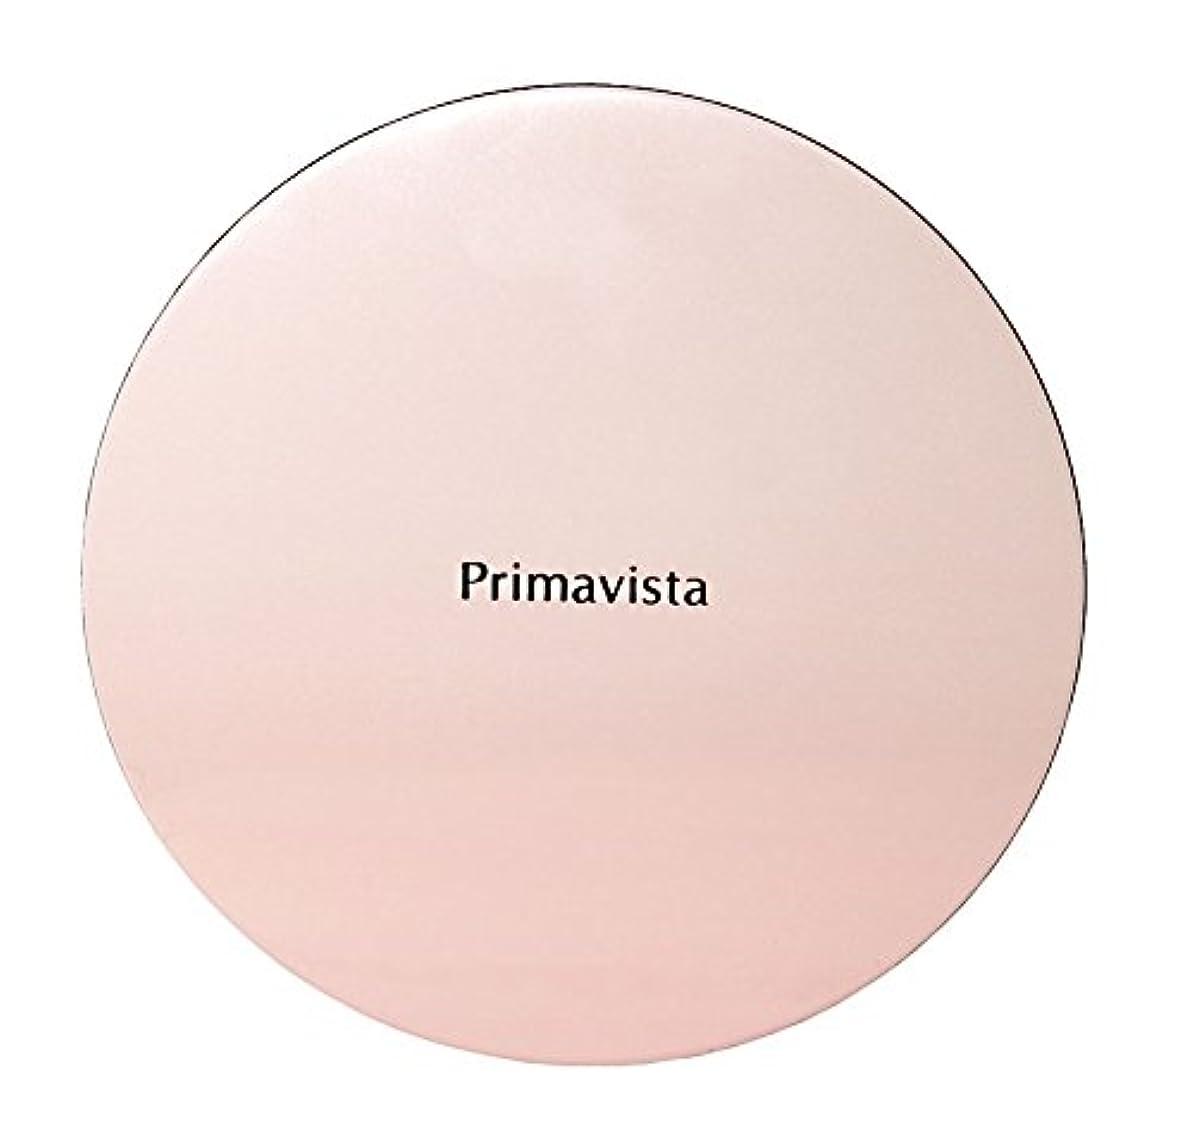 しかしへこみ生むプリマヴィスタ クリーミィコンパクトファンデーションケース